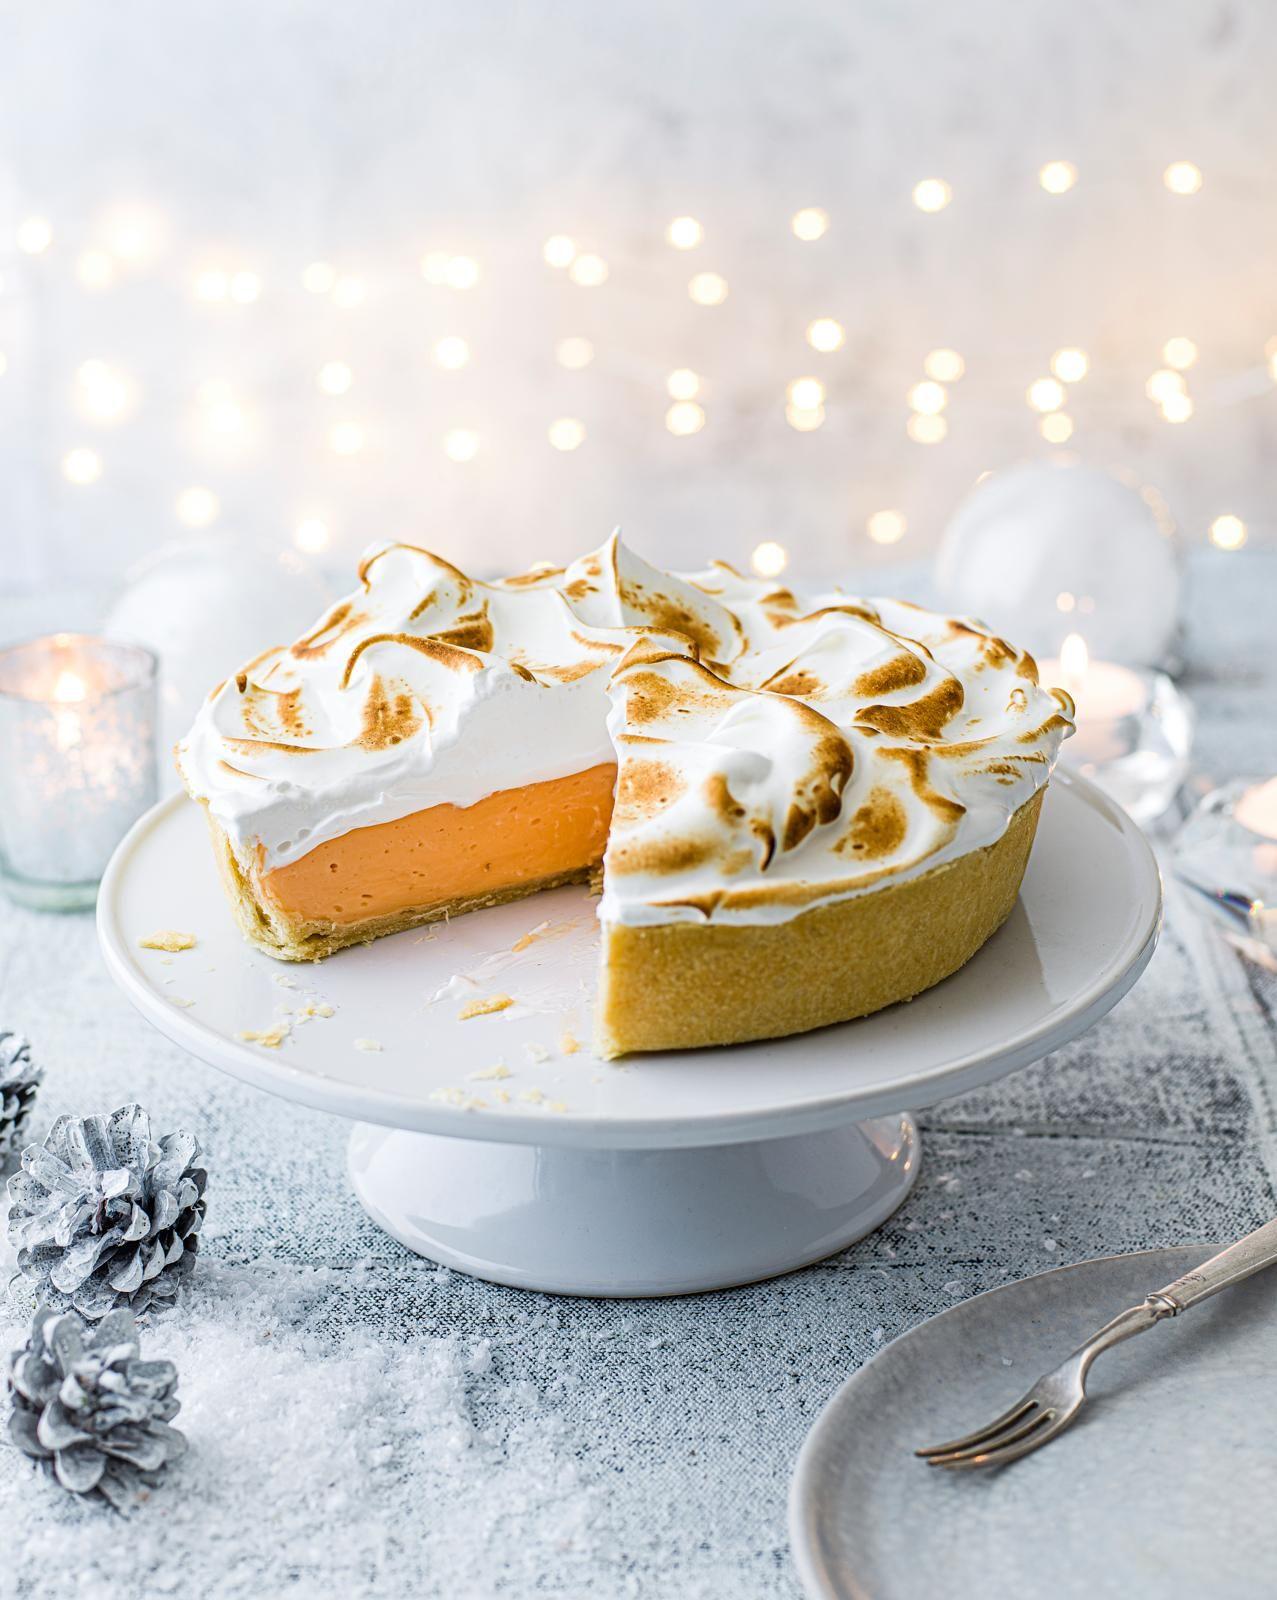 Plăcintă cu bezea Negroni pe un suport de tort alb